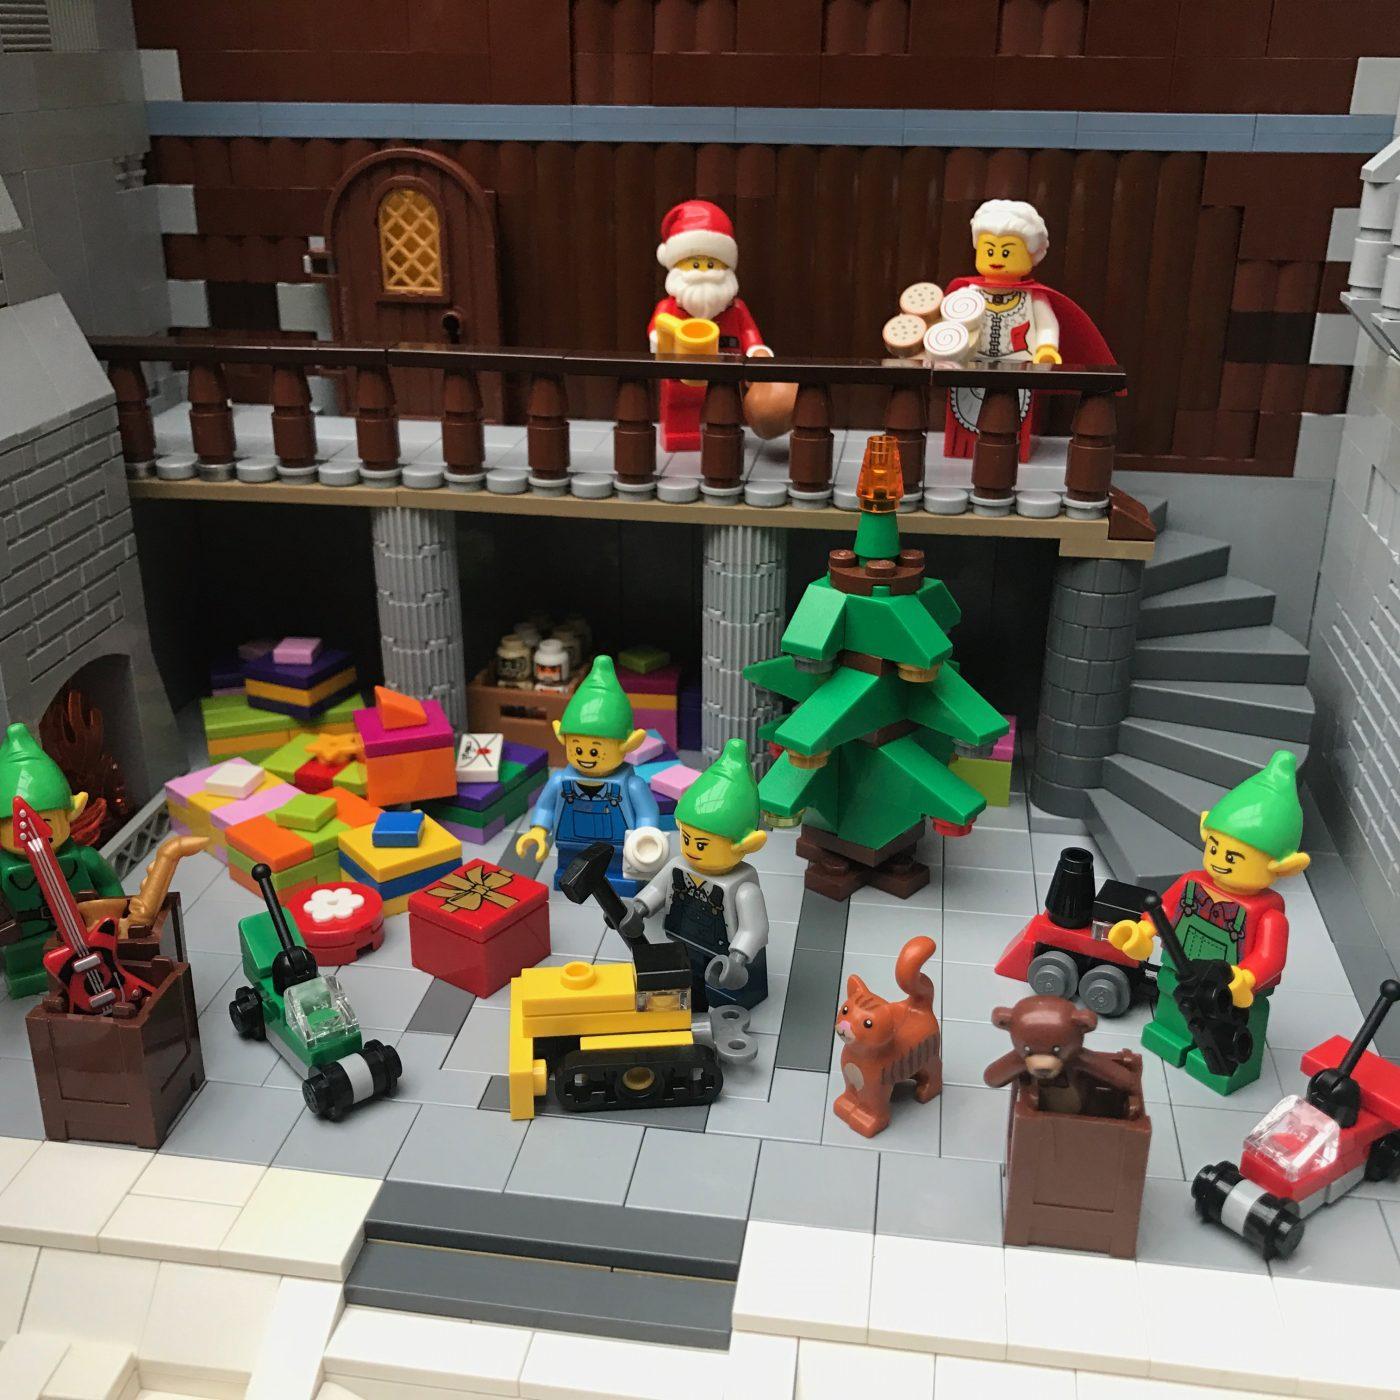 Santas Workshop Inside Square